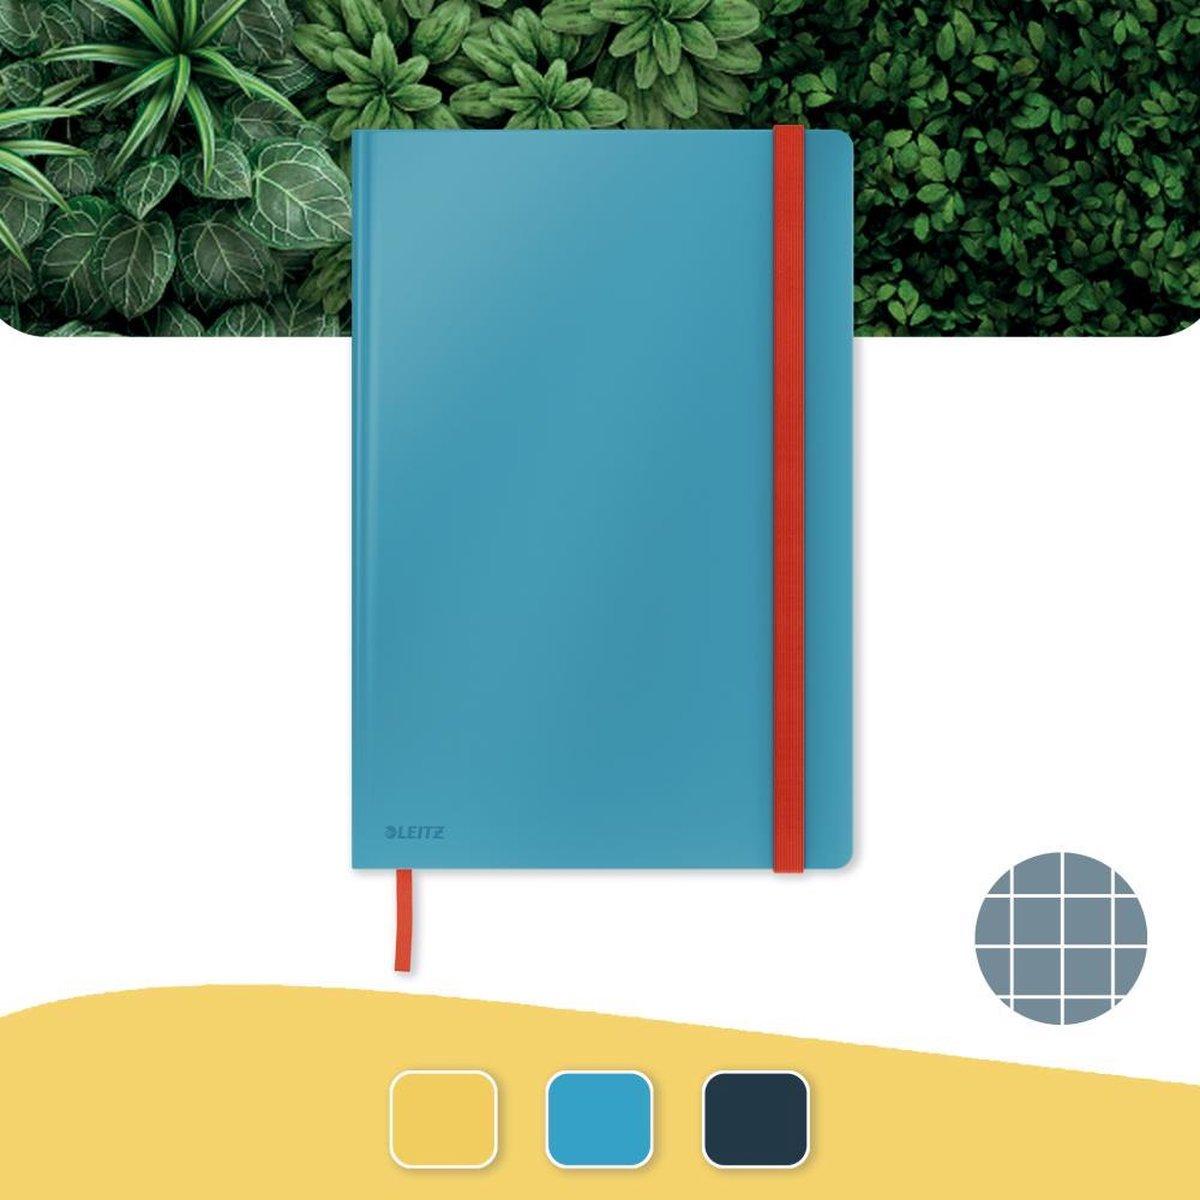 Leitz Cosy Notitieboek B5 Soft Touch Geruit - Notitieboek Hard Cover - Voor Kantoor En Thuiswerken - Sereen Blauw - Ideaal Voor Thuiskantoor